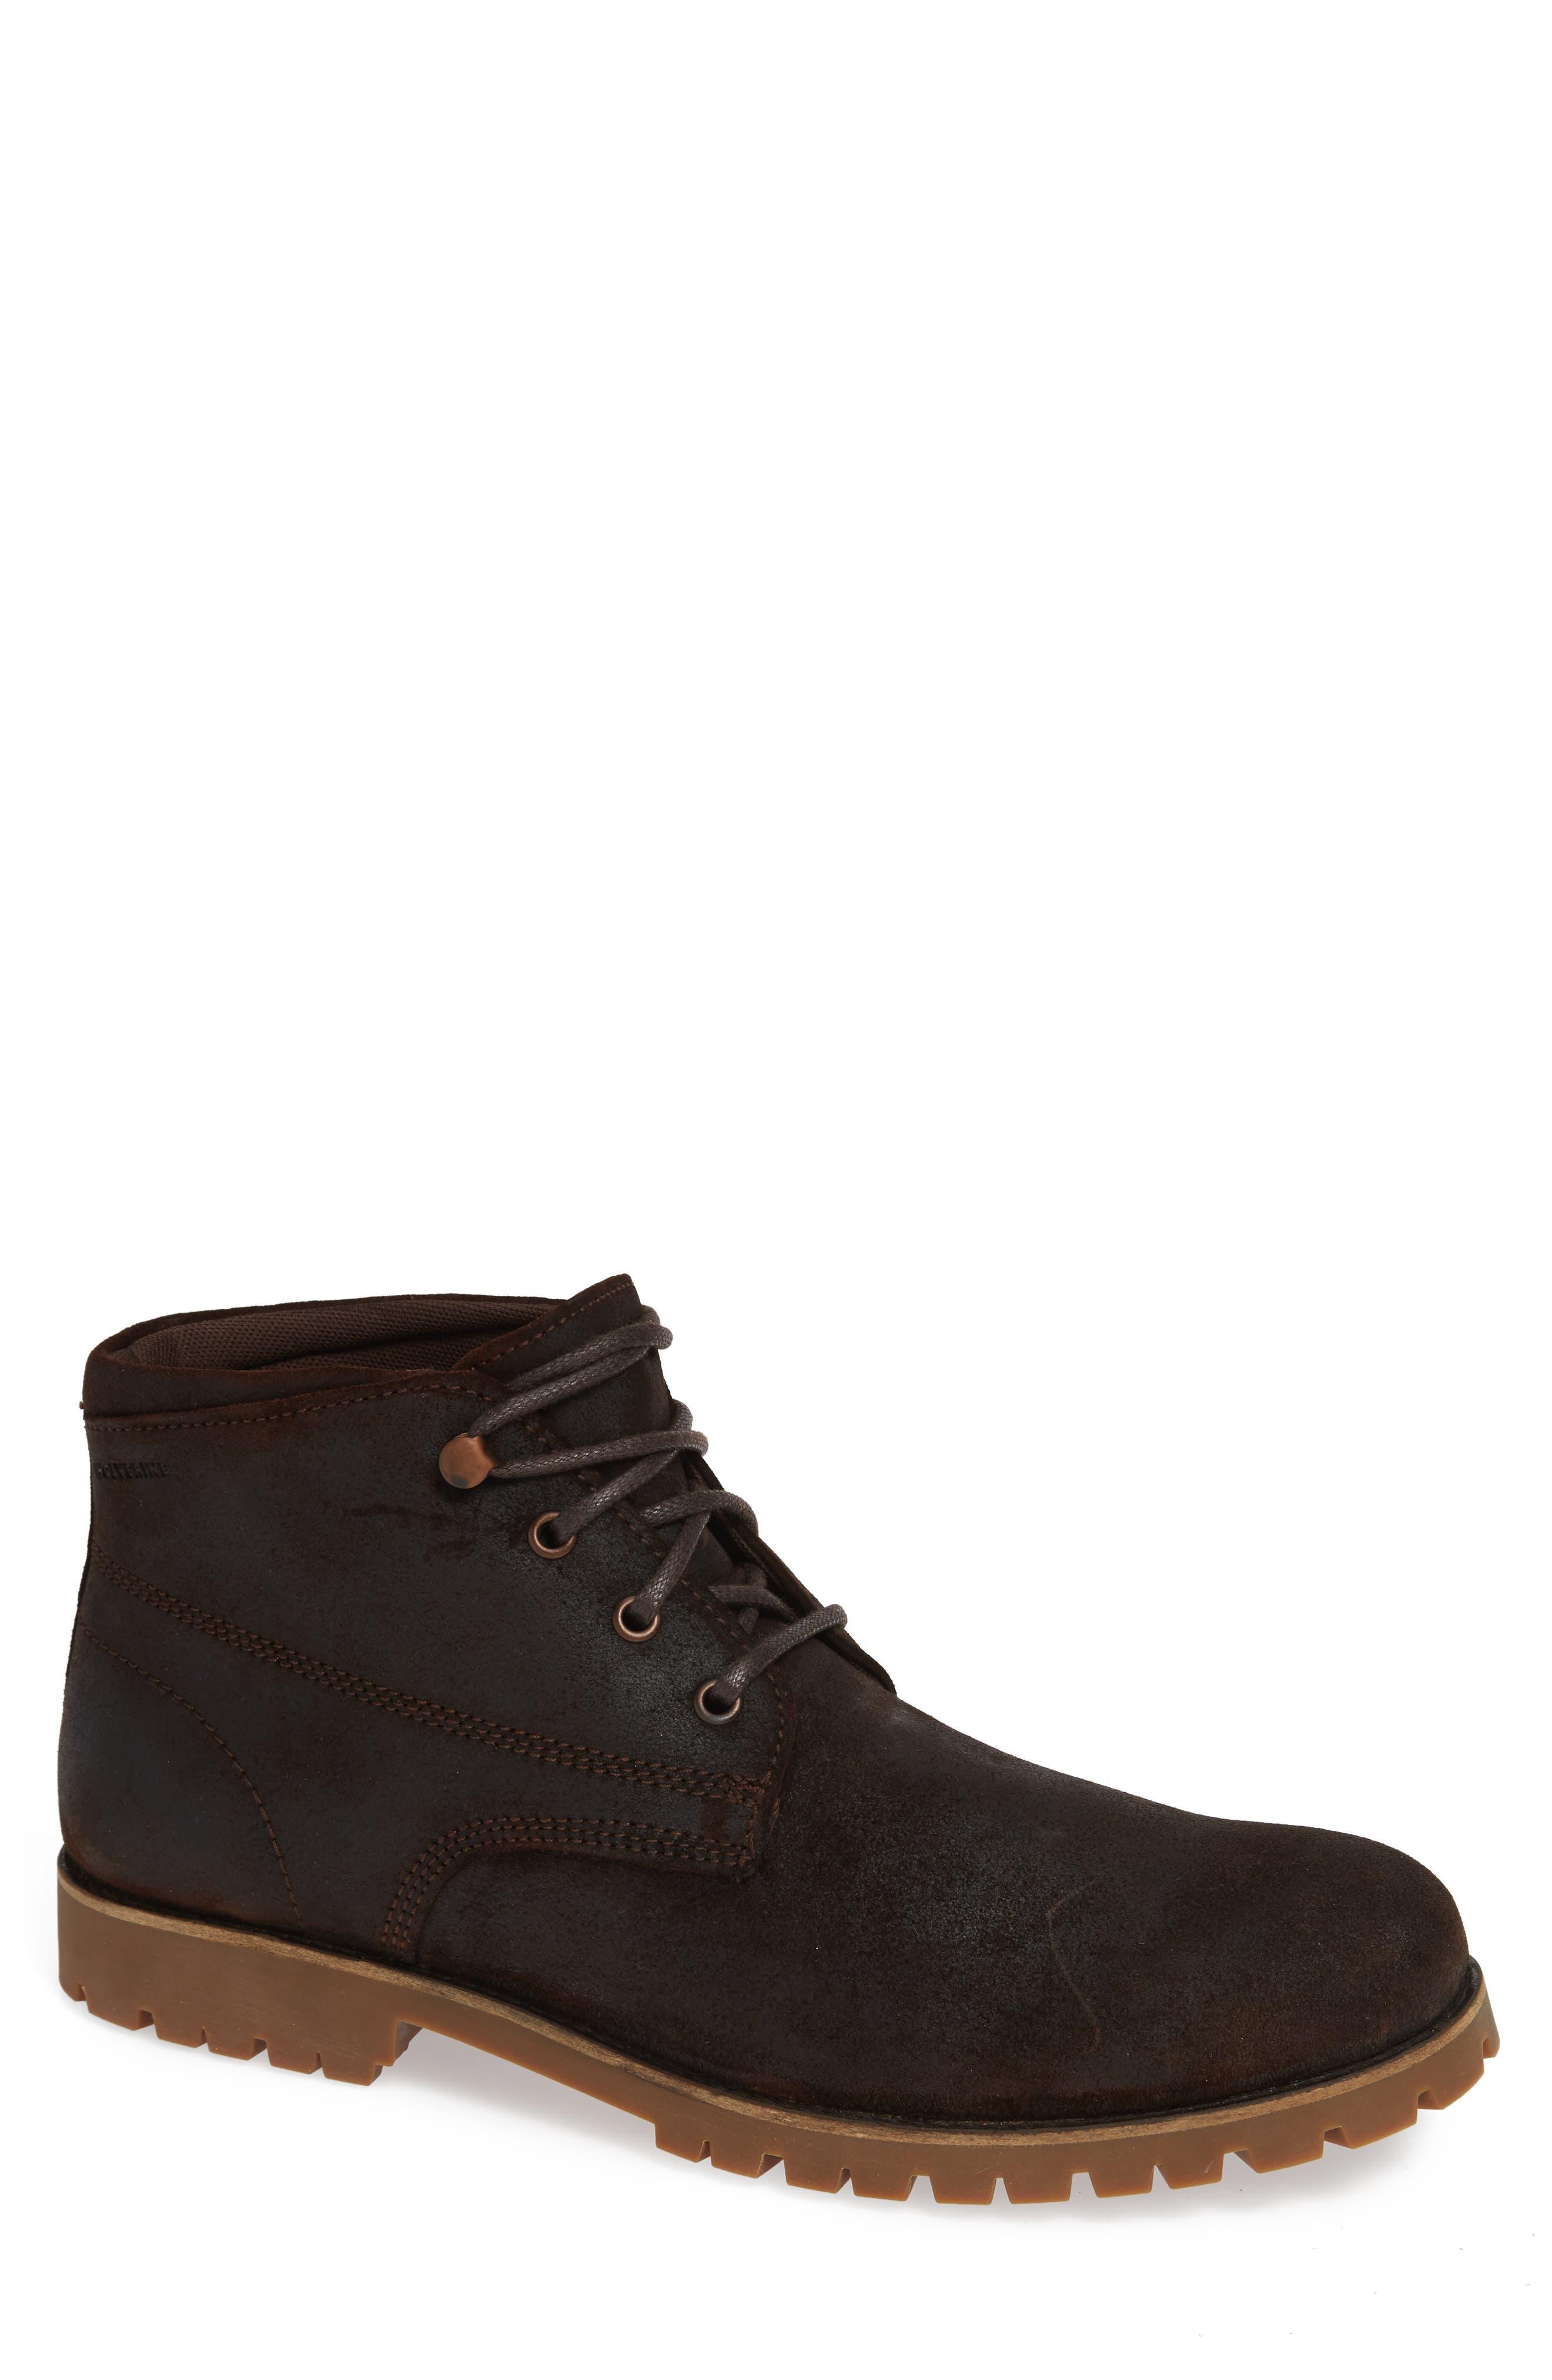 Wolverine Cort Plain Toe Waterproof Boot, Brown